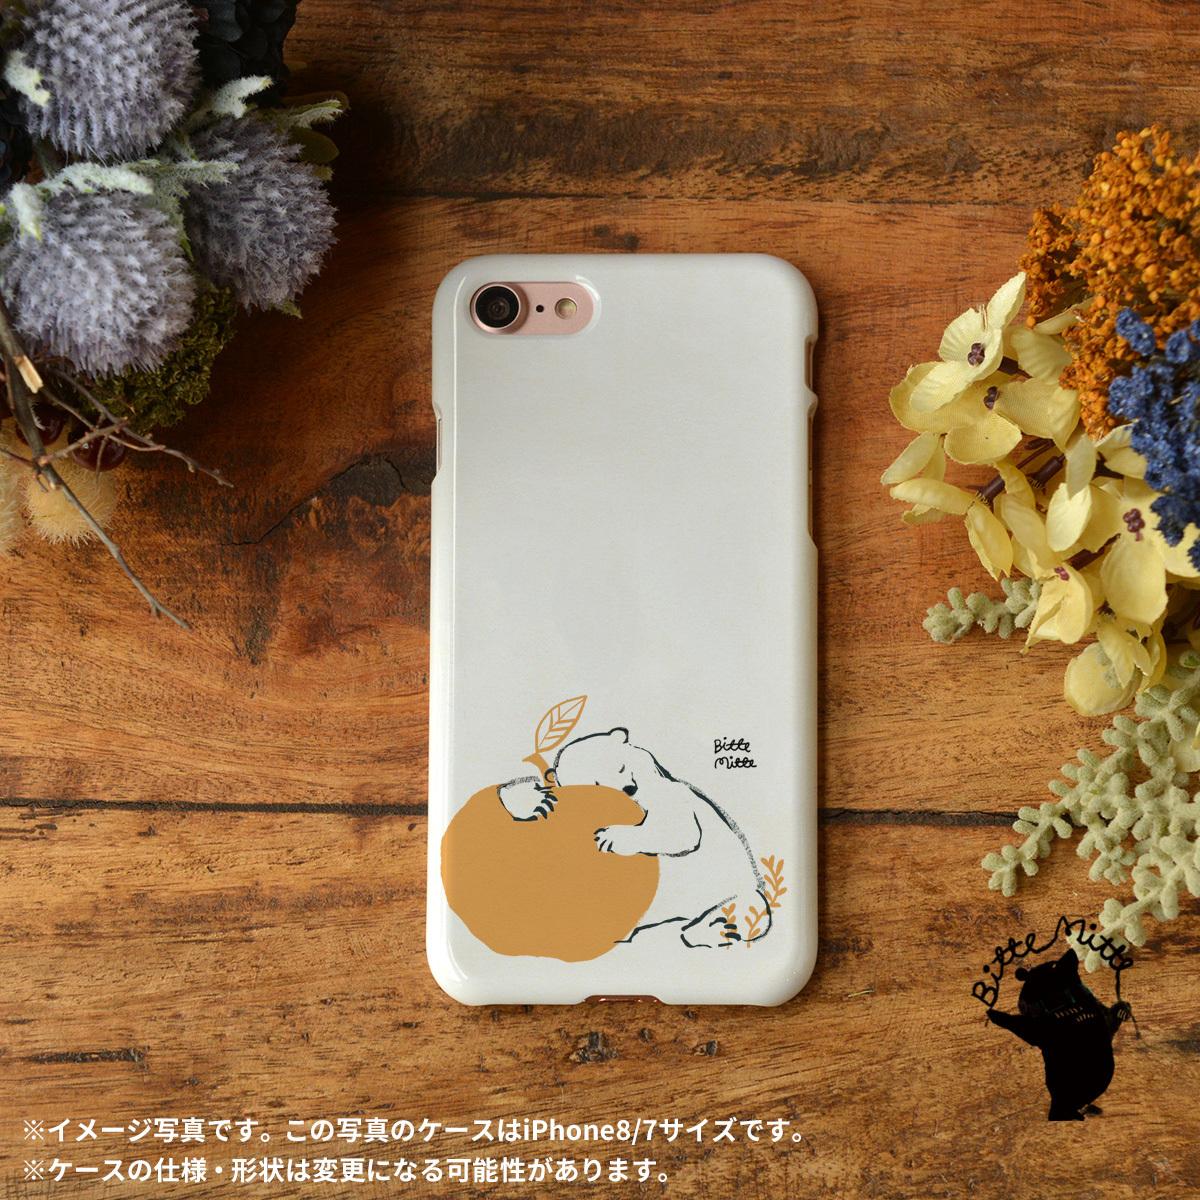 iphone8 ハードケース おしゃれ iphone8 ハードケース シンプル iphone7 ケース かわいい りんご ミカン ハード シロクマ しろくま 寝心地のいい果実/Bitte Mitte!